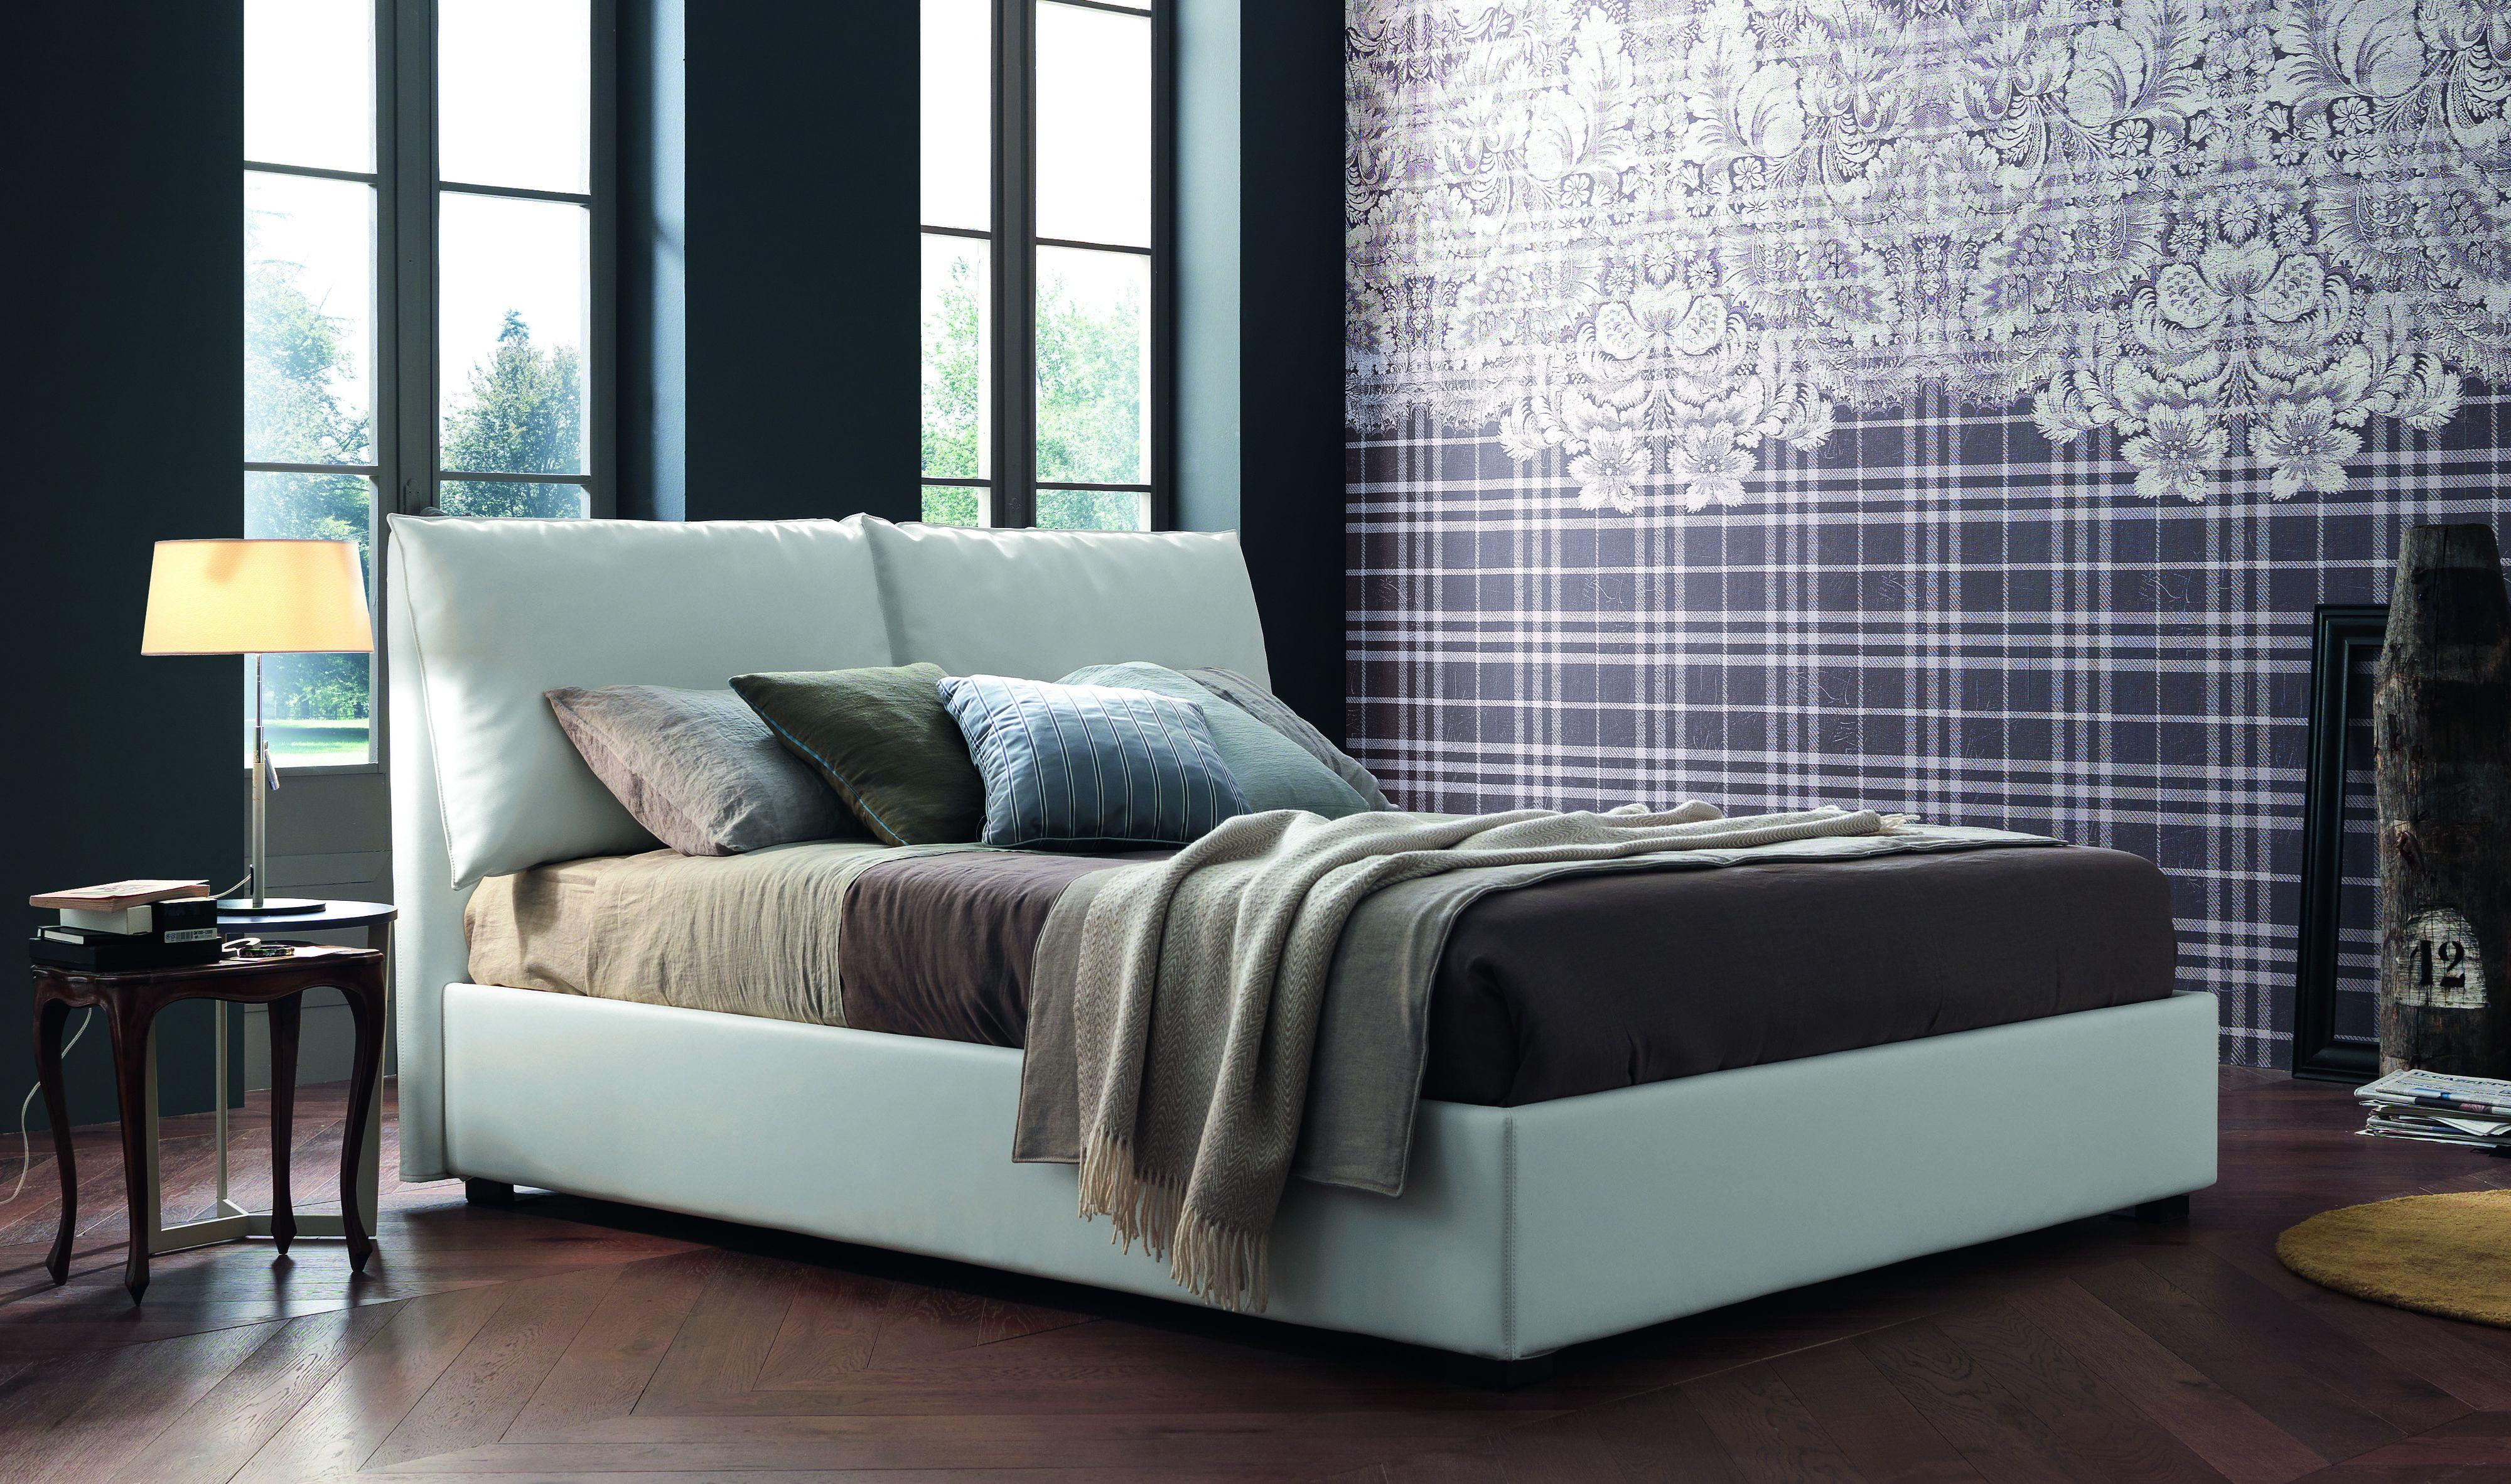 Buy Naomi Bed Online In London Uk Denelli Italia